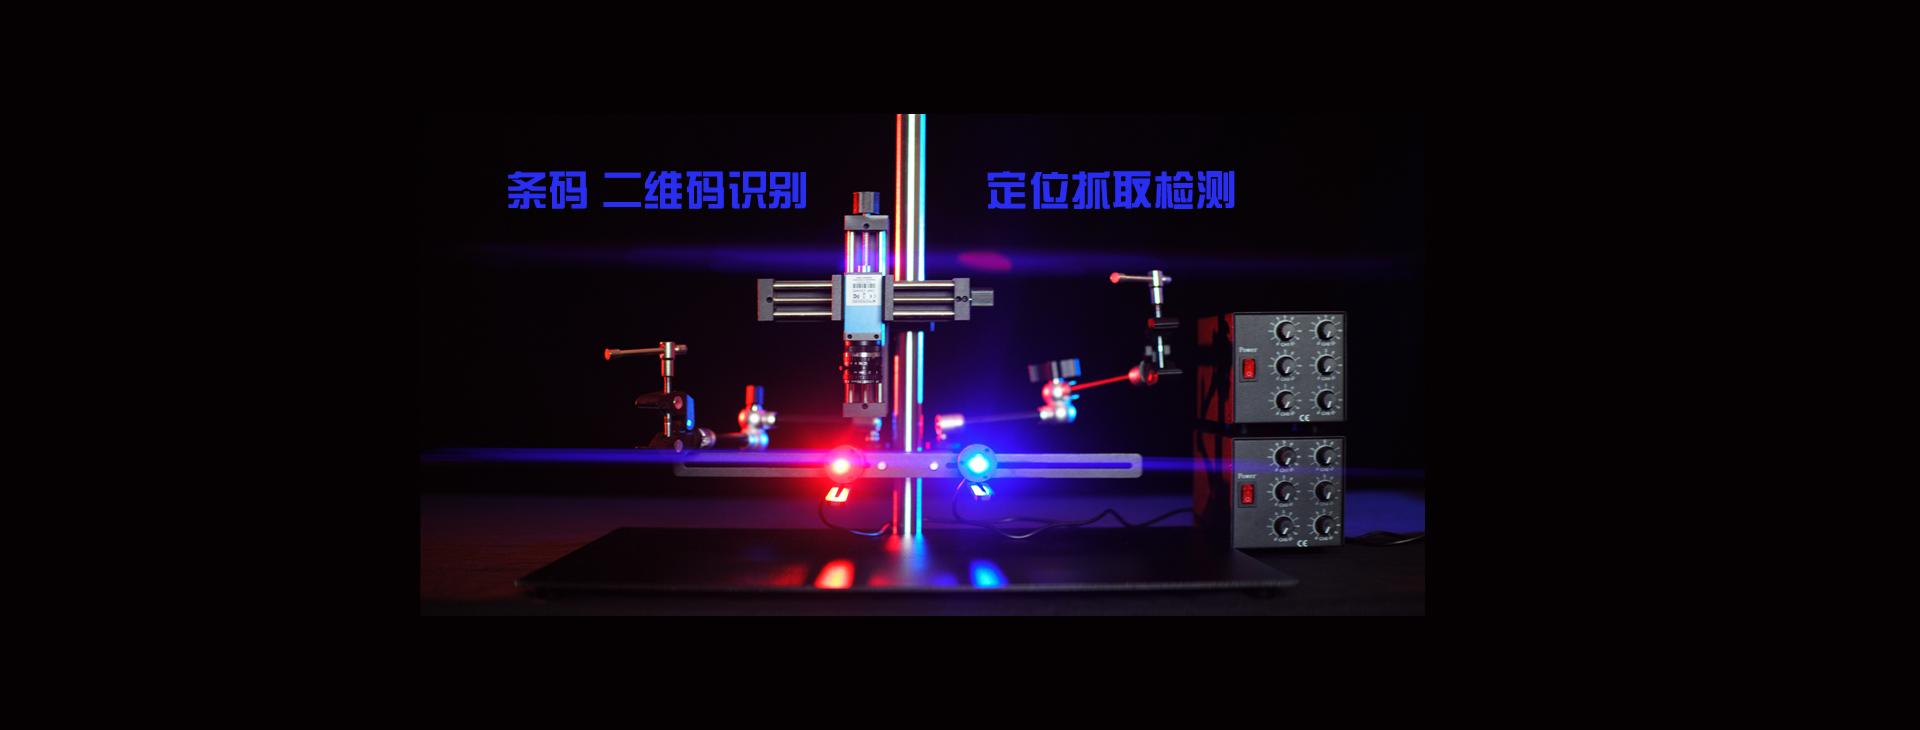 逸栊视觉机器视觉实验架